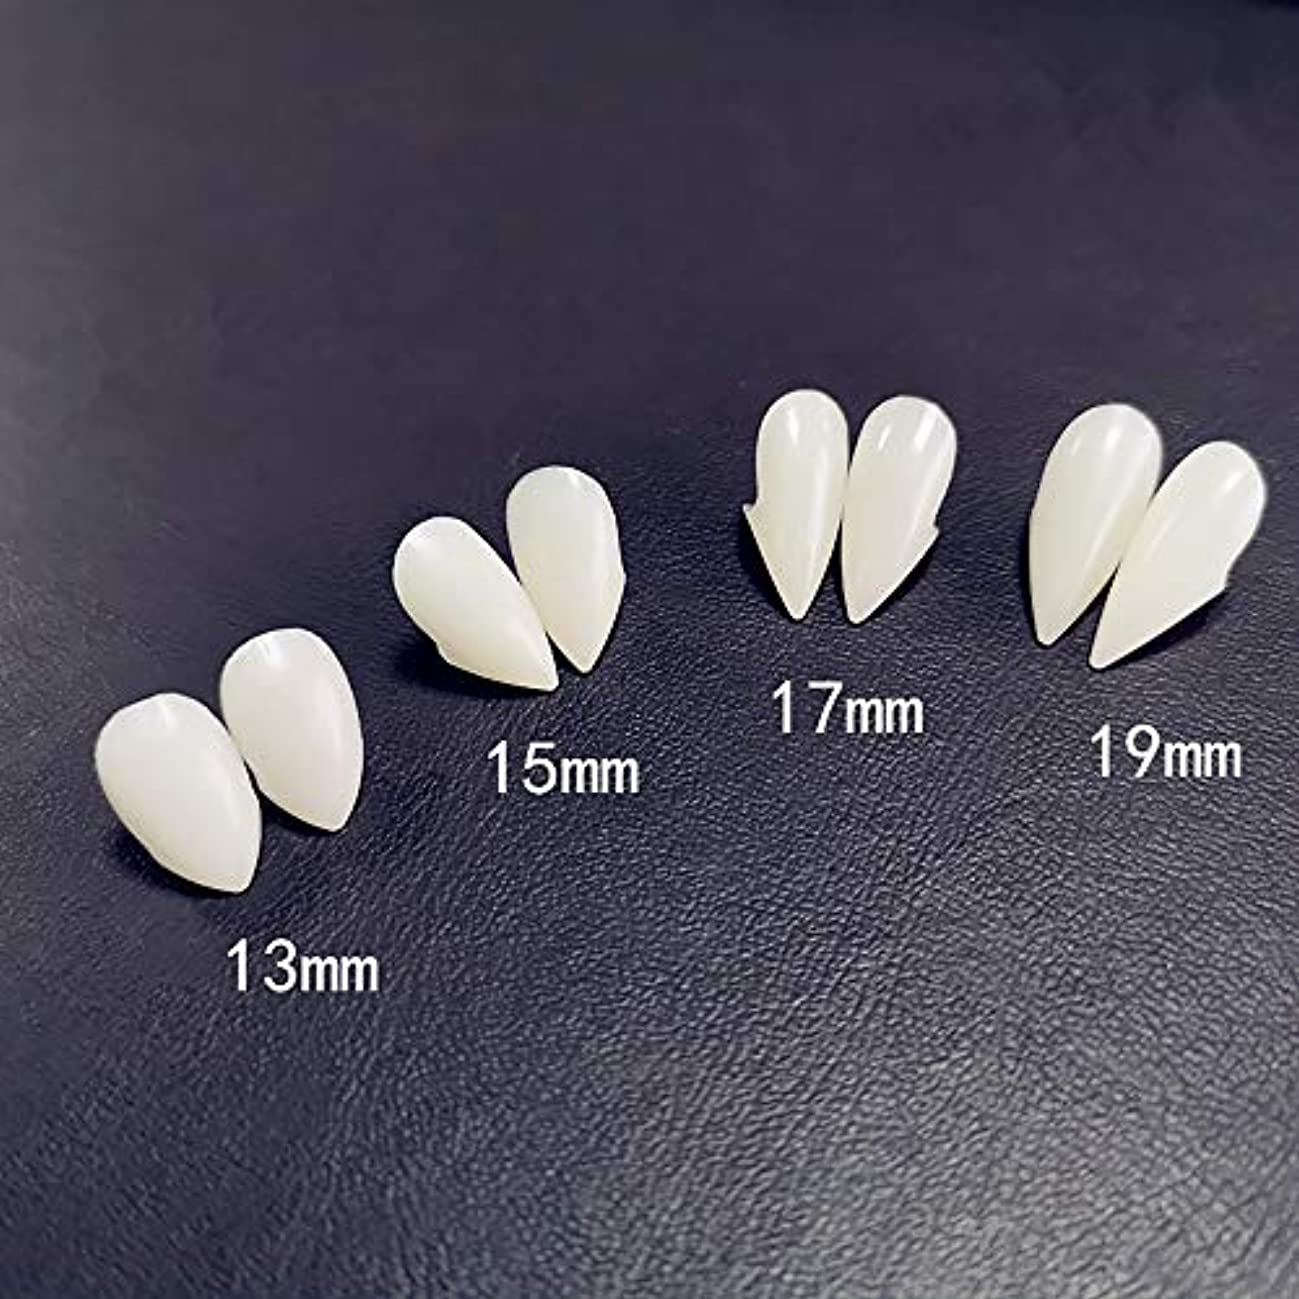 雇うハウジング師匠6ペア牙キット歯の入れ歯歯の牙入れ歯小道具ハロウィーンの衣装小道具パーティーの好意休日DIYの装飾ホラー大人のための子供,17mm